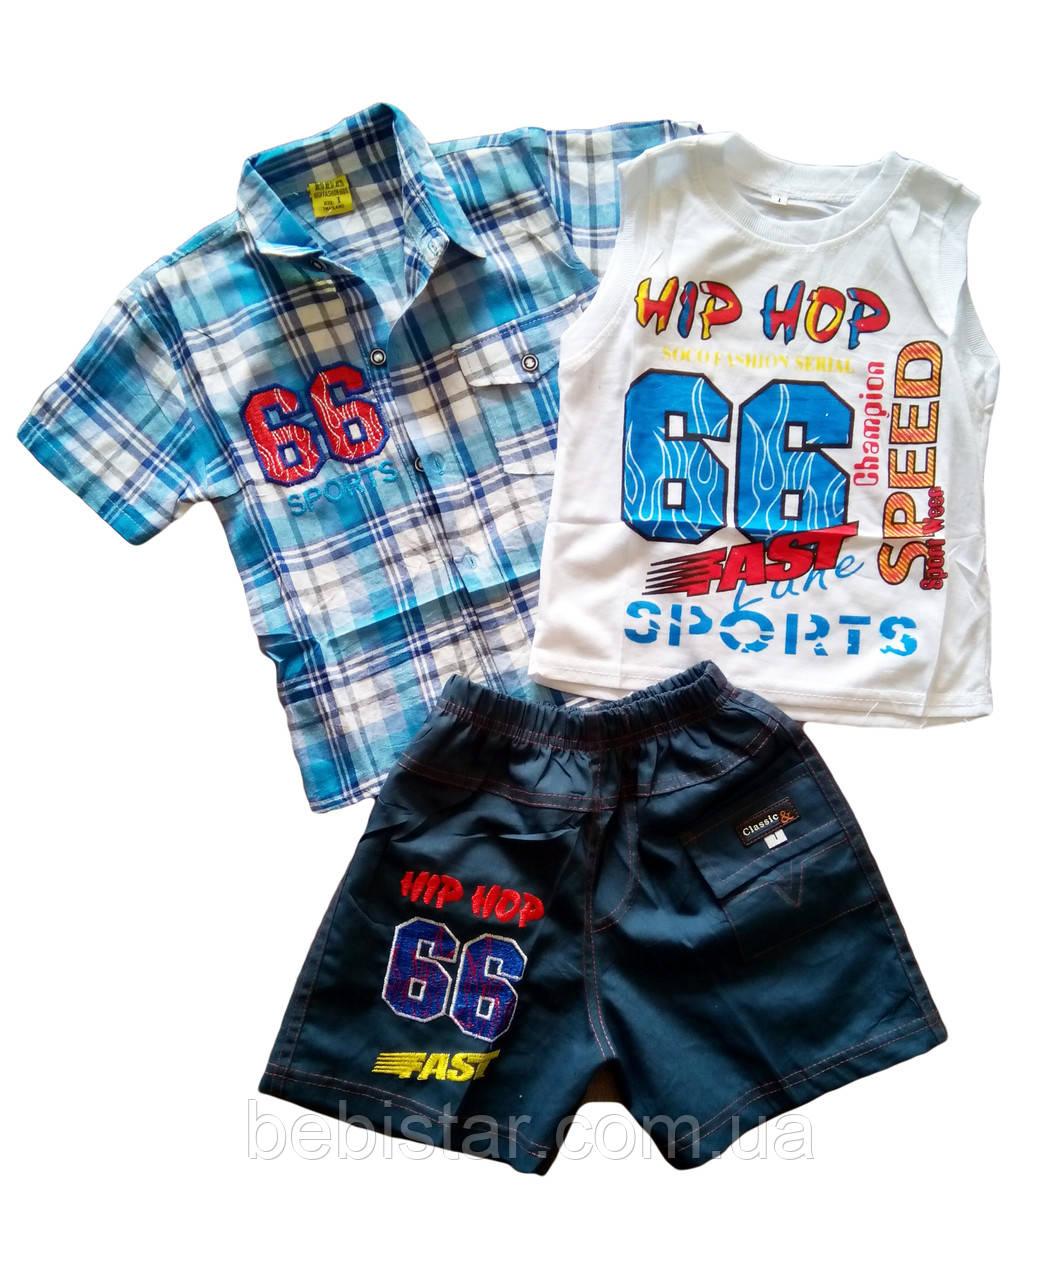 Рубашка в голубую клетку, футболка и шорты мальчику 1-4 года